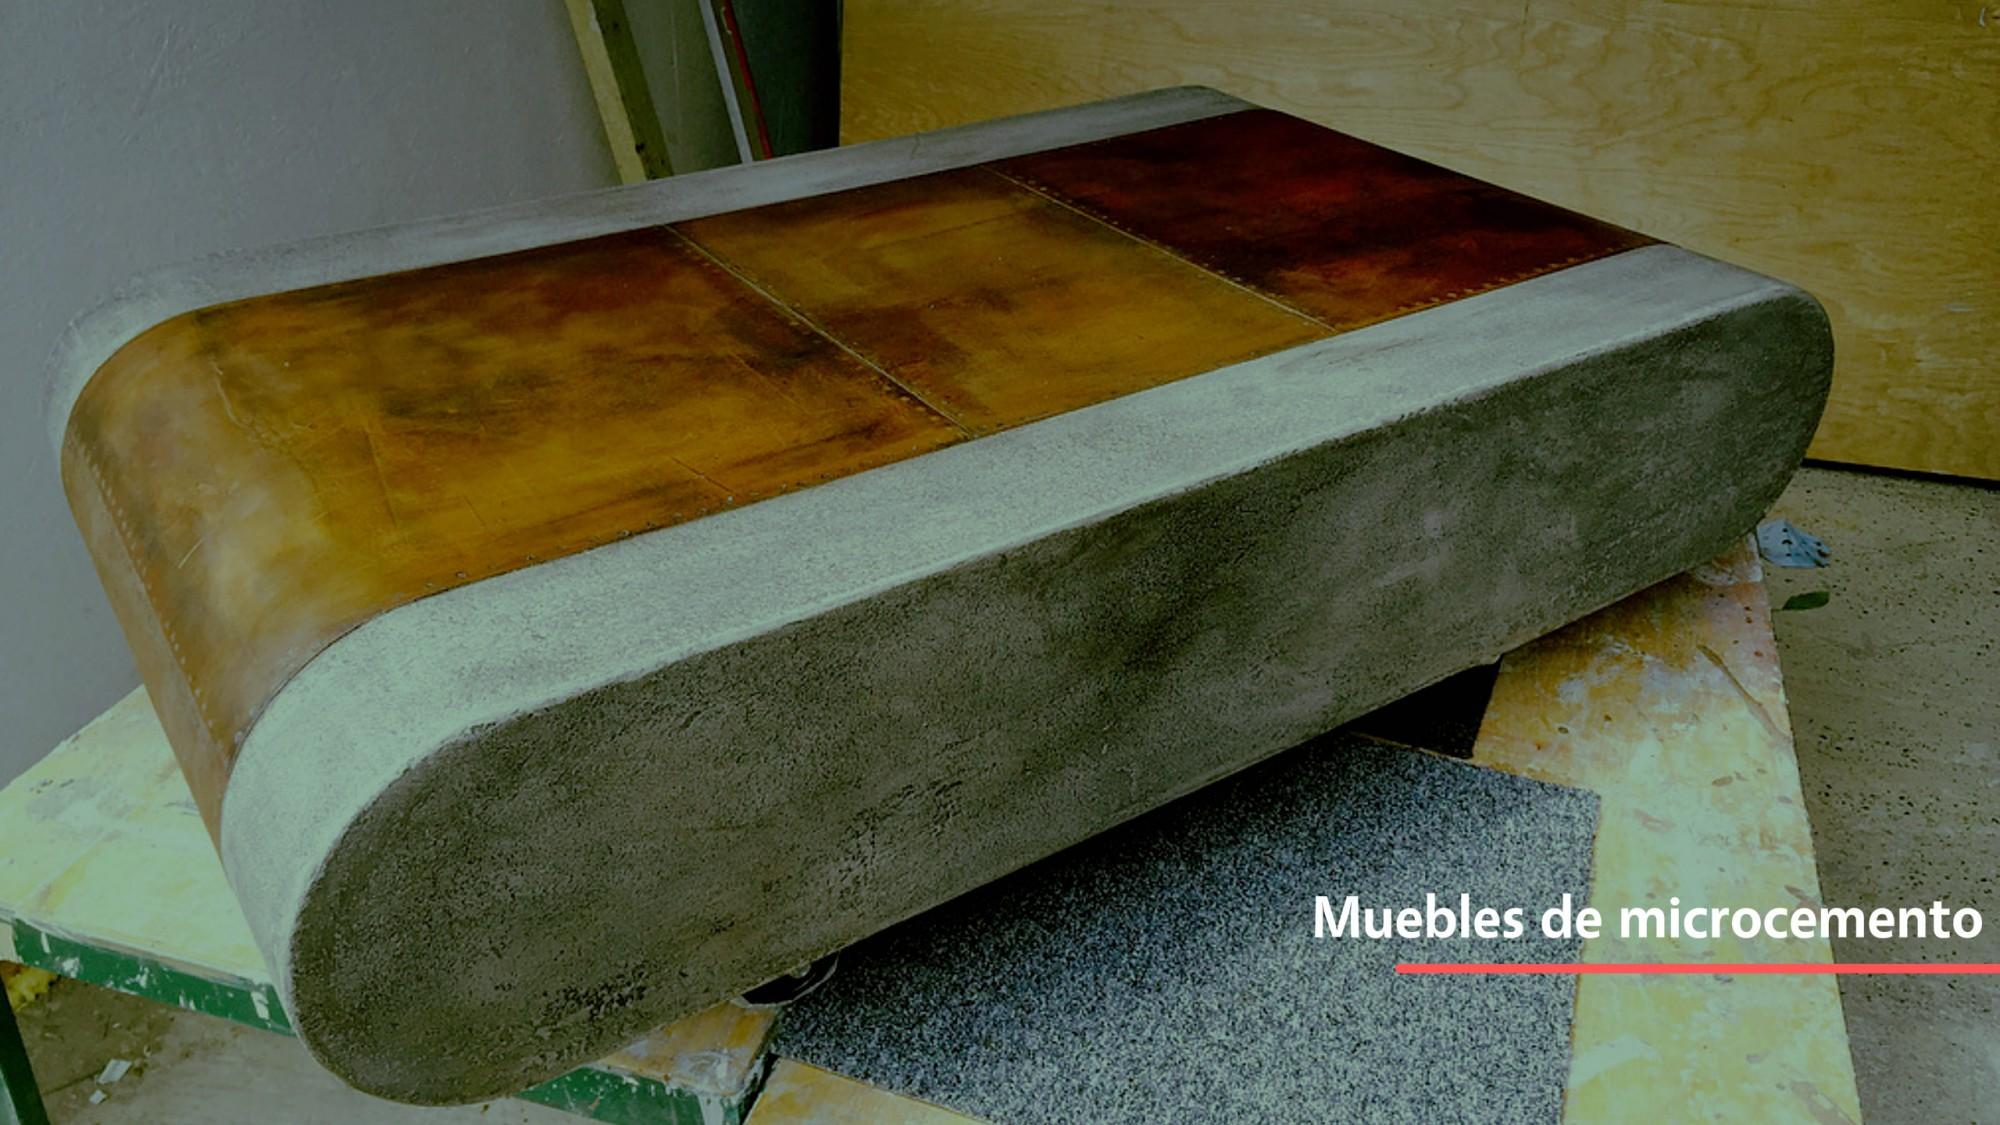 Muebles hechos de microcemento